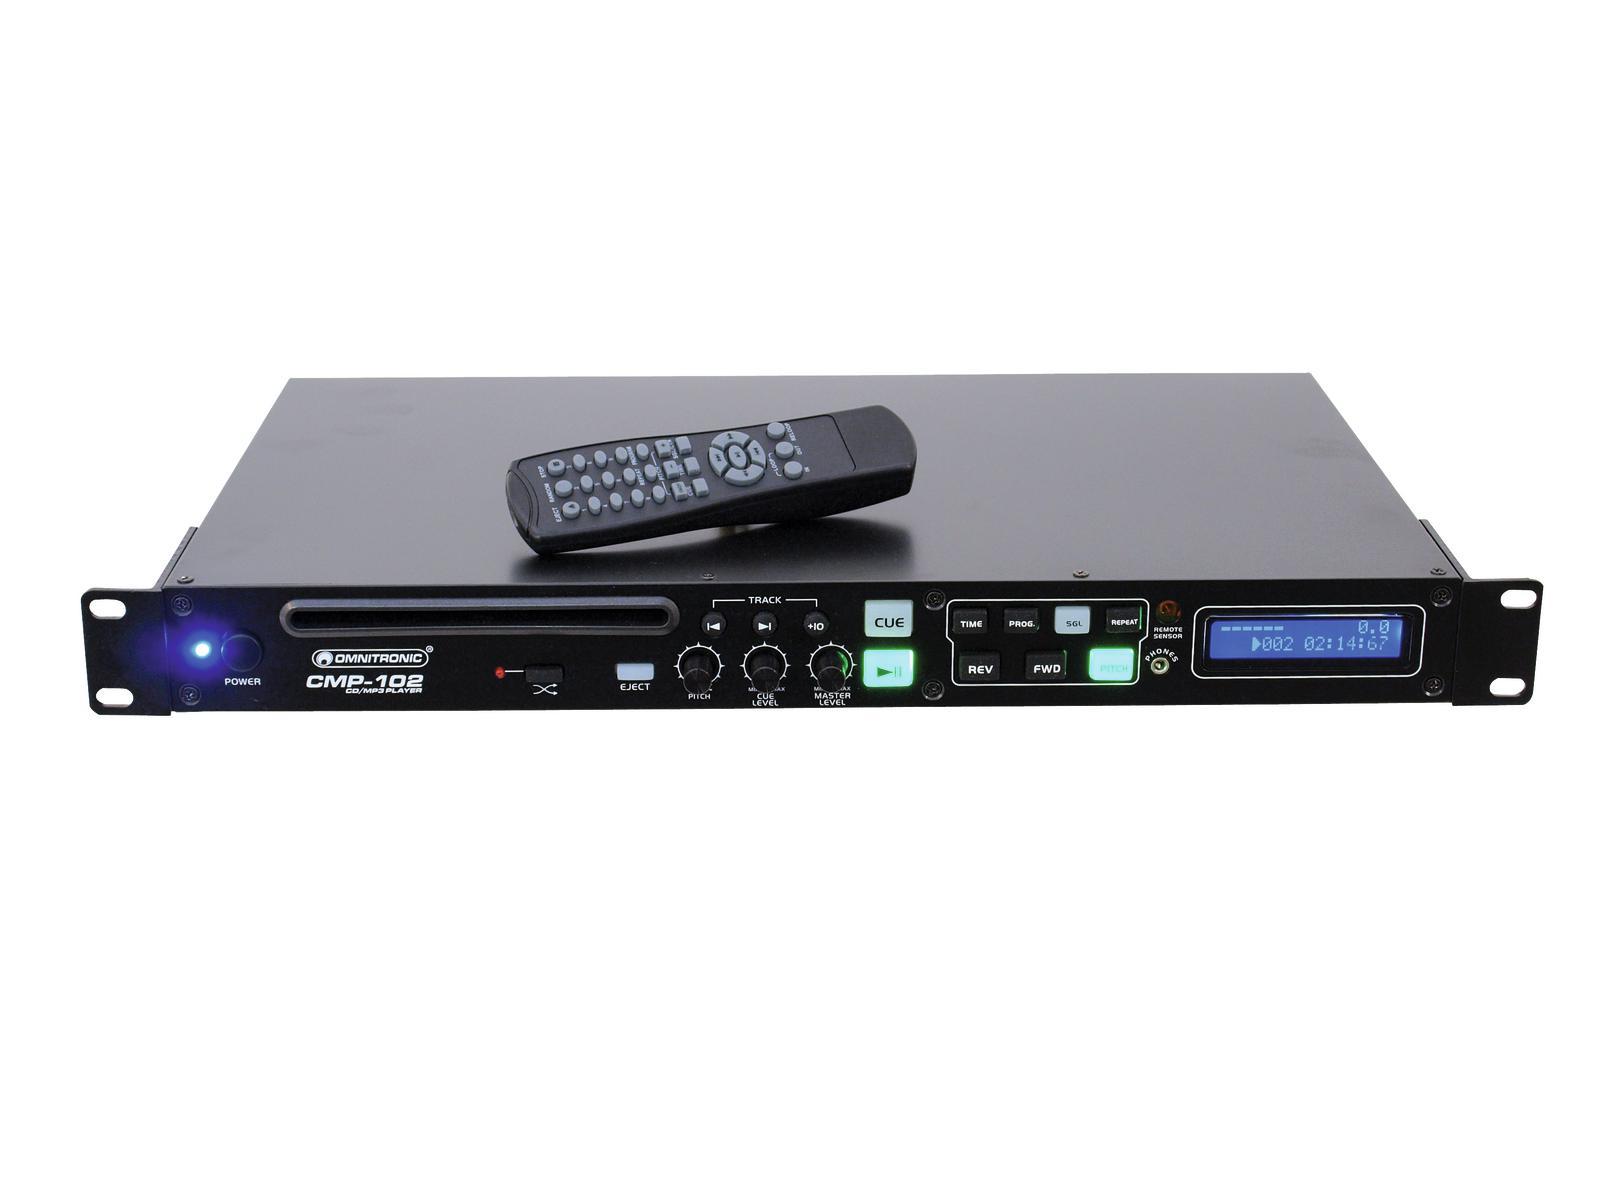 Lecteur CD/SD CD/-R/-RW CD-DA et MP3 OMINTRONIC CMP 102 1 unité Auto-pause